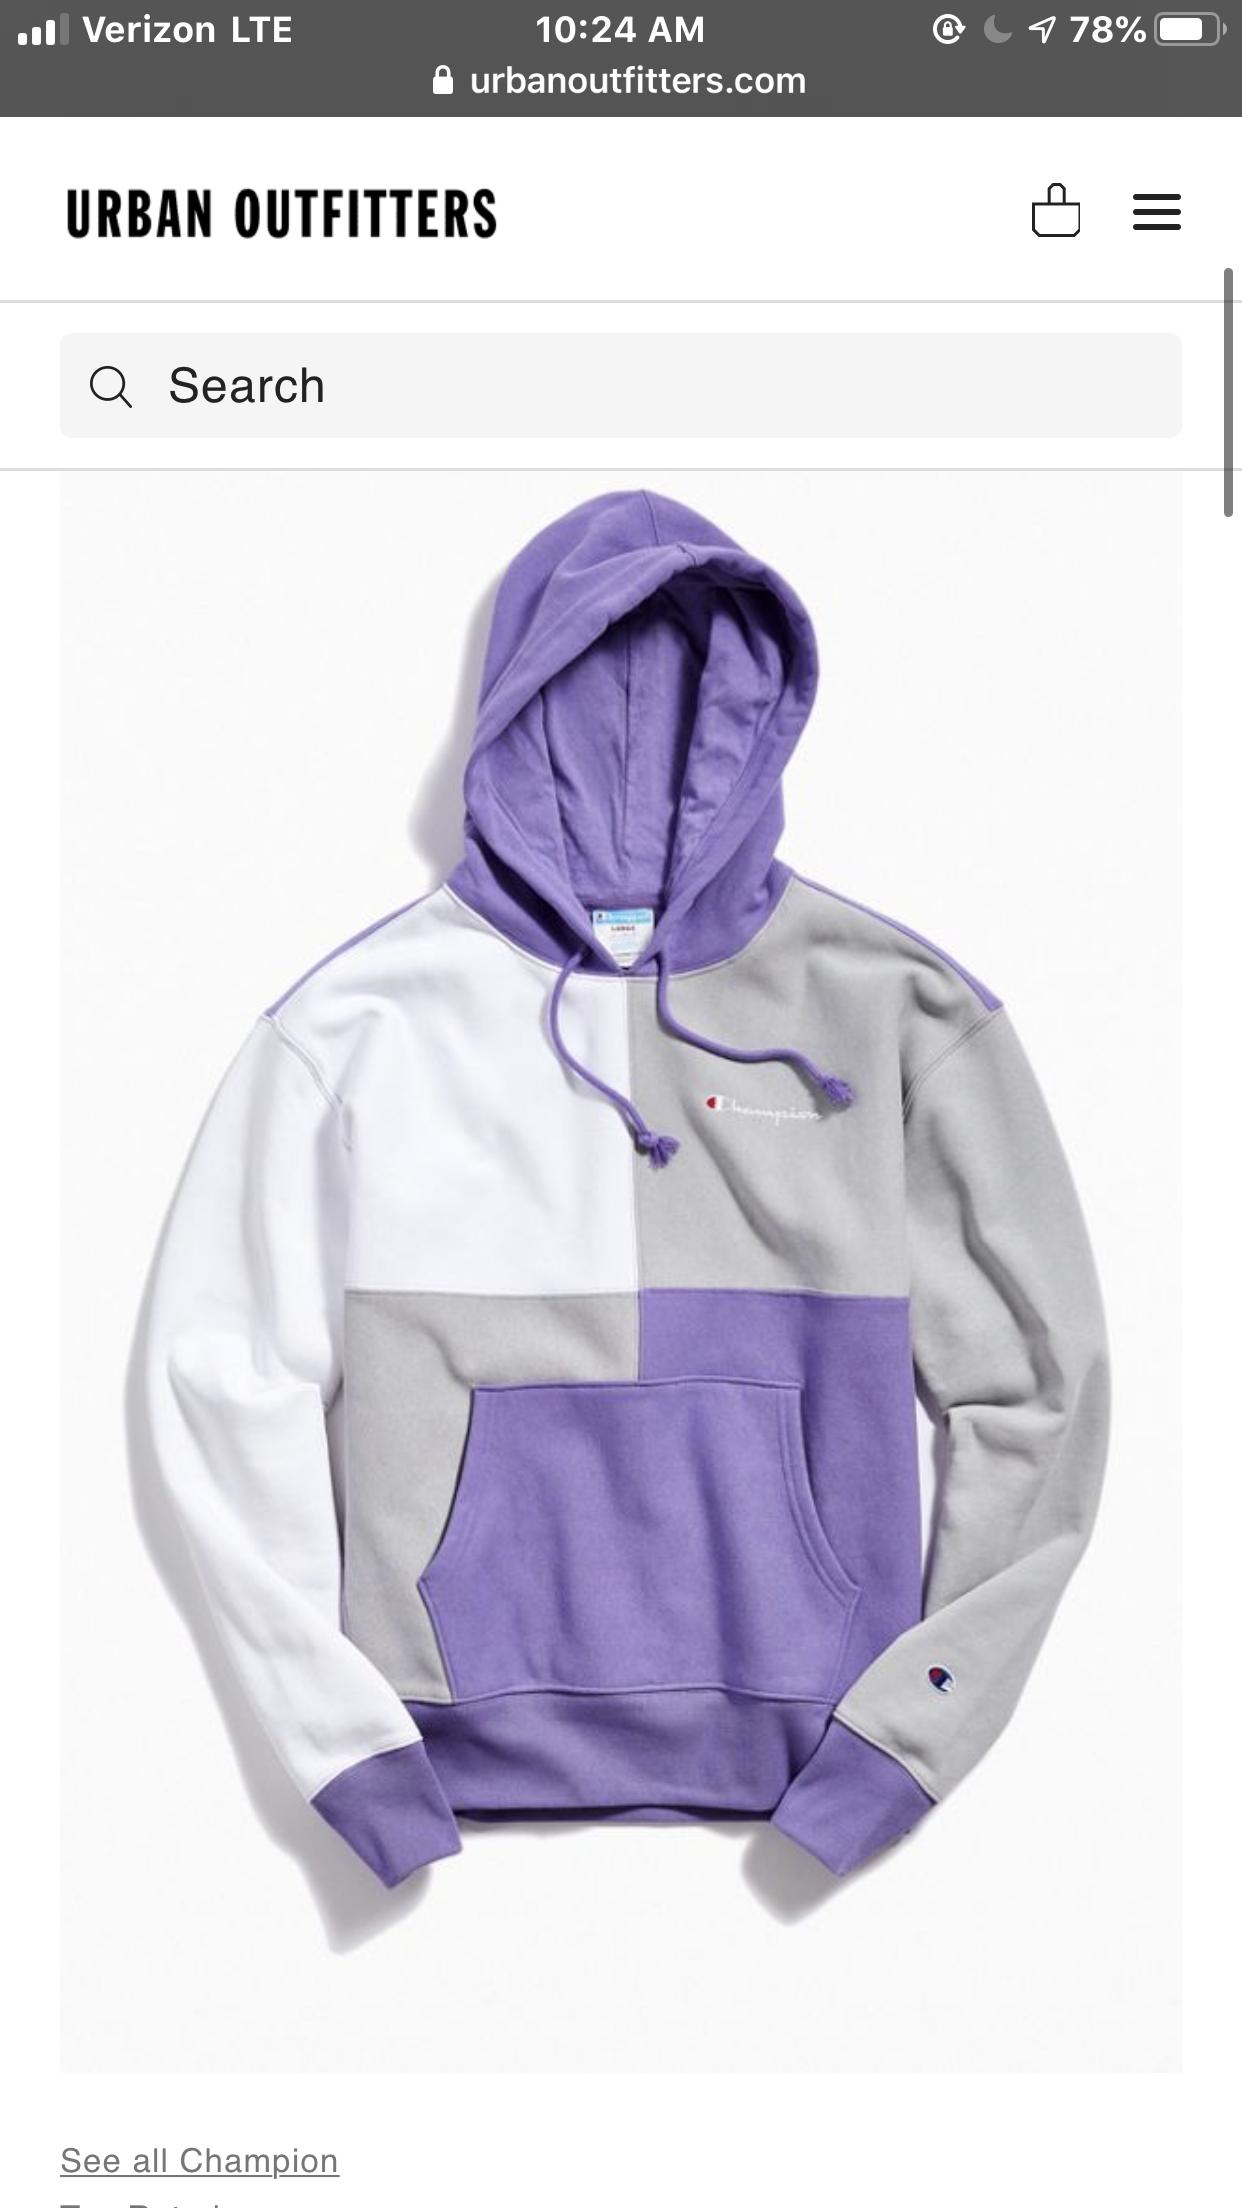 Champion Uo Exclusive Colorblock Hoodie Sweatshirt Vetements Vintage Pour Hommes Vetement Fashion Marque Vetement [ 2208 x 1242 Pixel ]